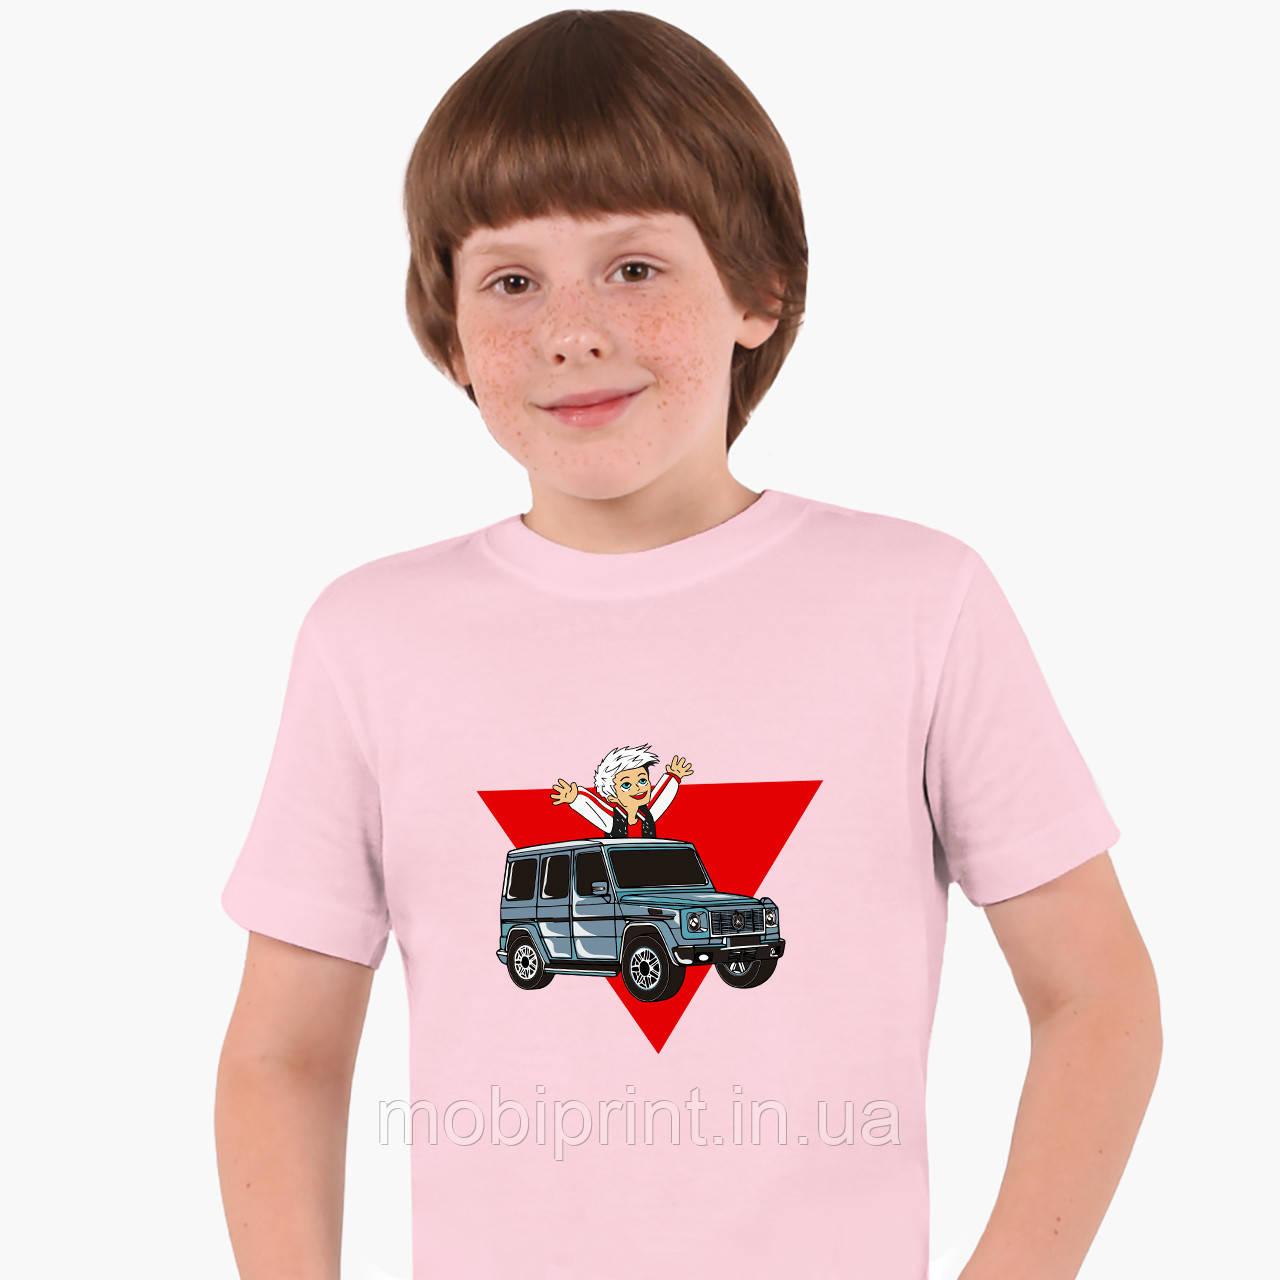 Дитяча футболка для хлопчиків блогер Влад Папір А4 (blogger Vlad A4) (25186-2618) Рожевий